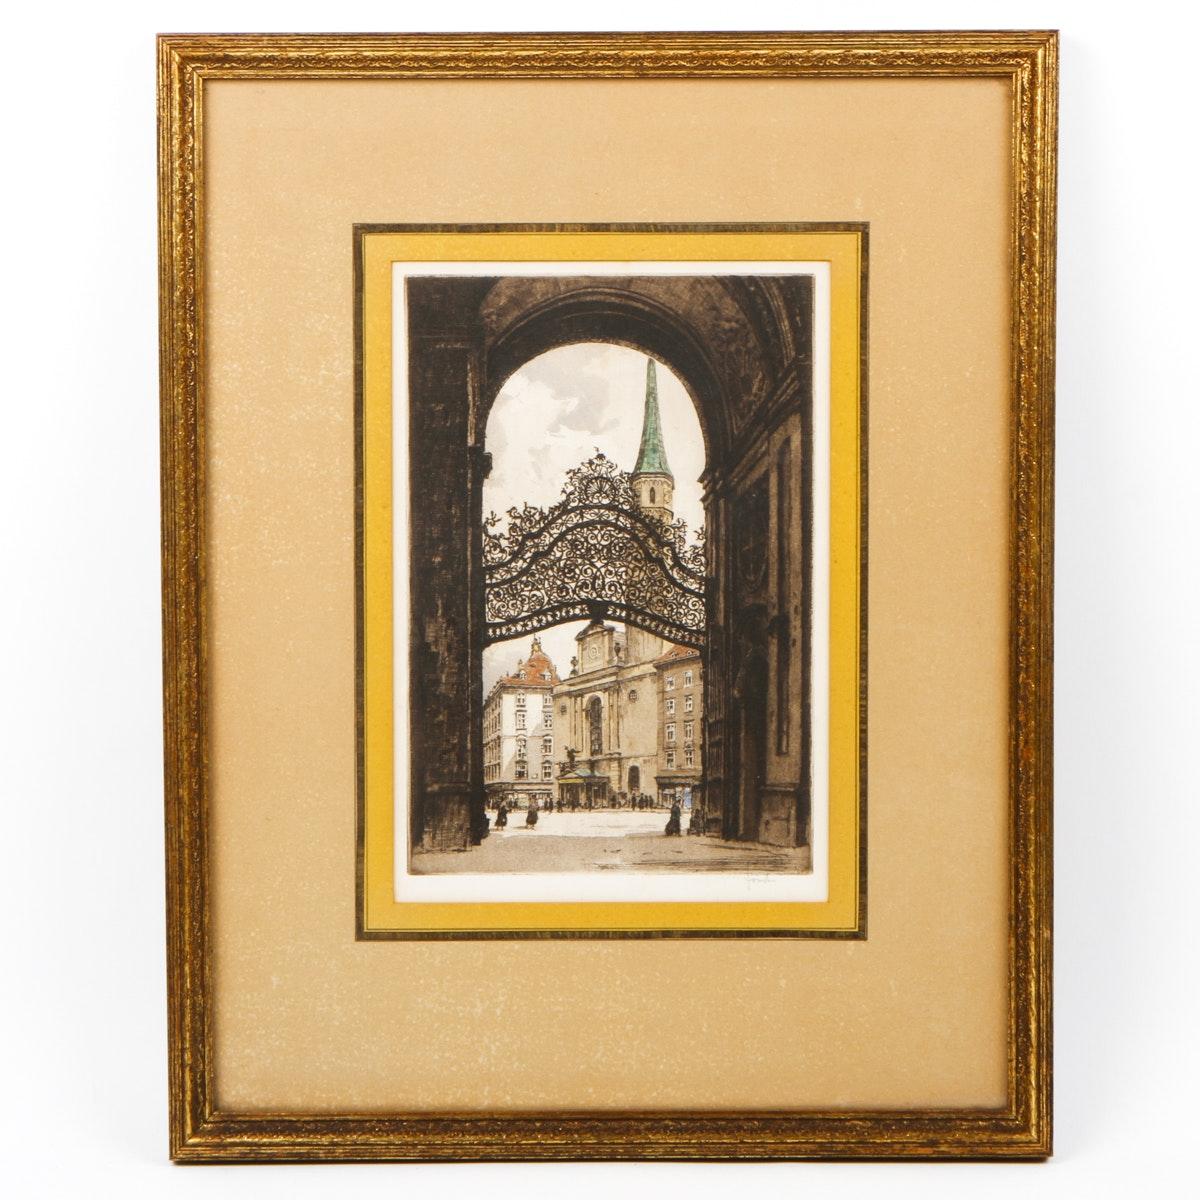 After Robert Kaismir Aquatint Etching of Vienna Palace Gate